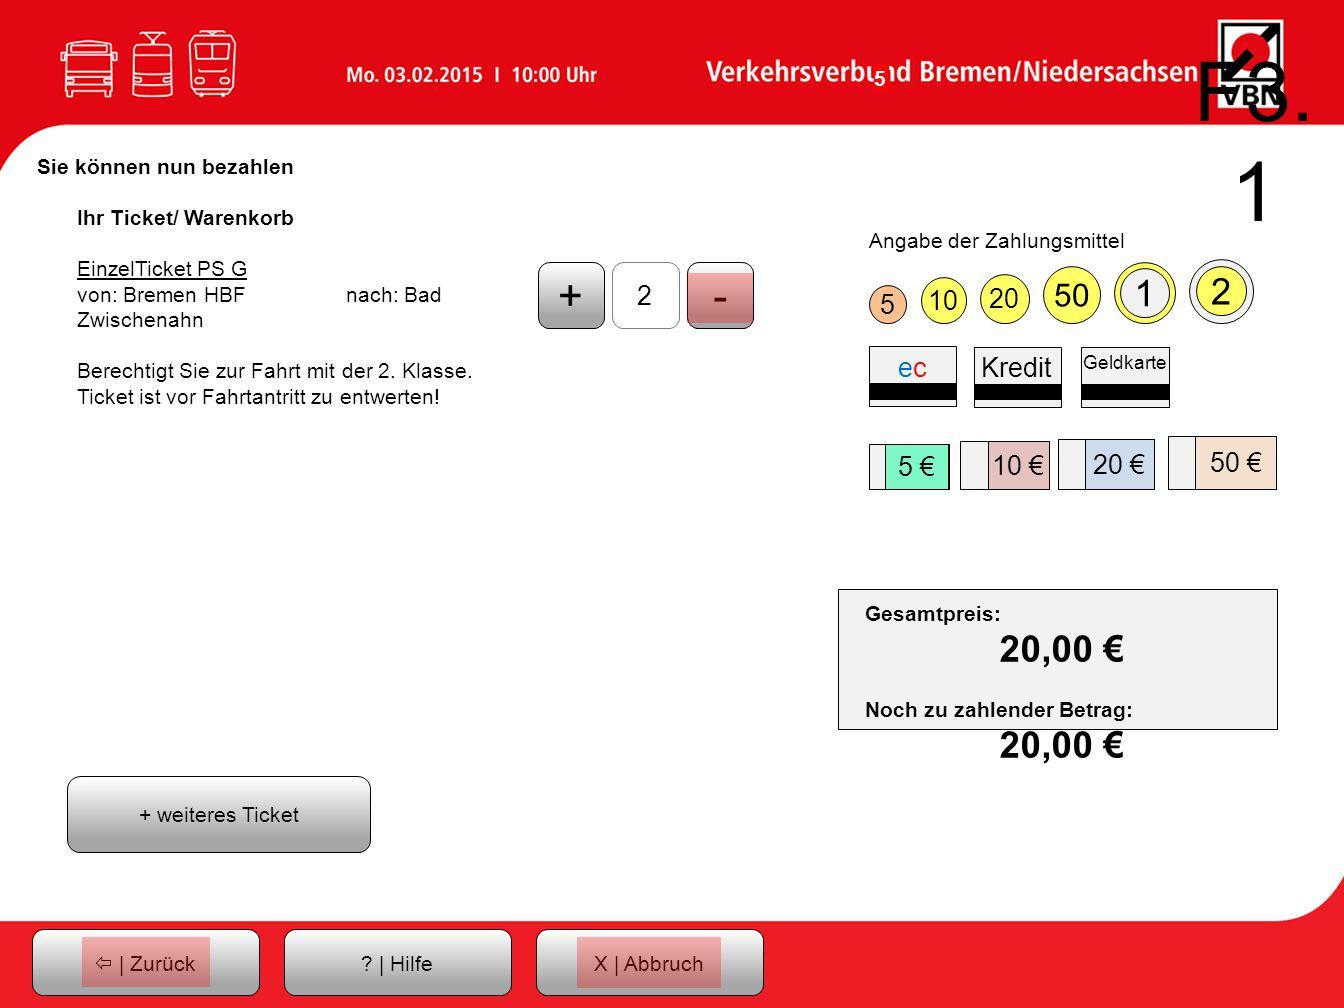 F3.1 Sie können nun bezahlen. Ihr Ticket/ Warenkorb. EinzelTicket PS G. von: Bremen HBF nach: Bad Zwischenahn.